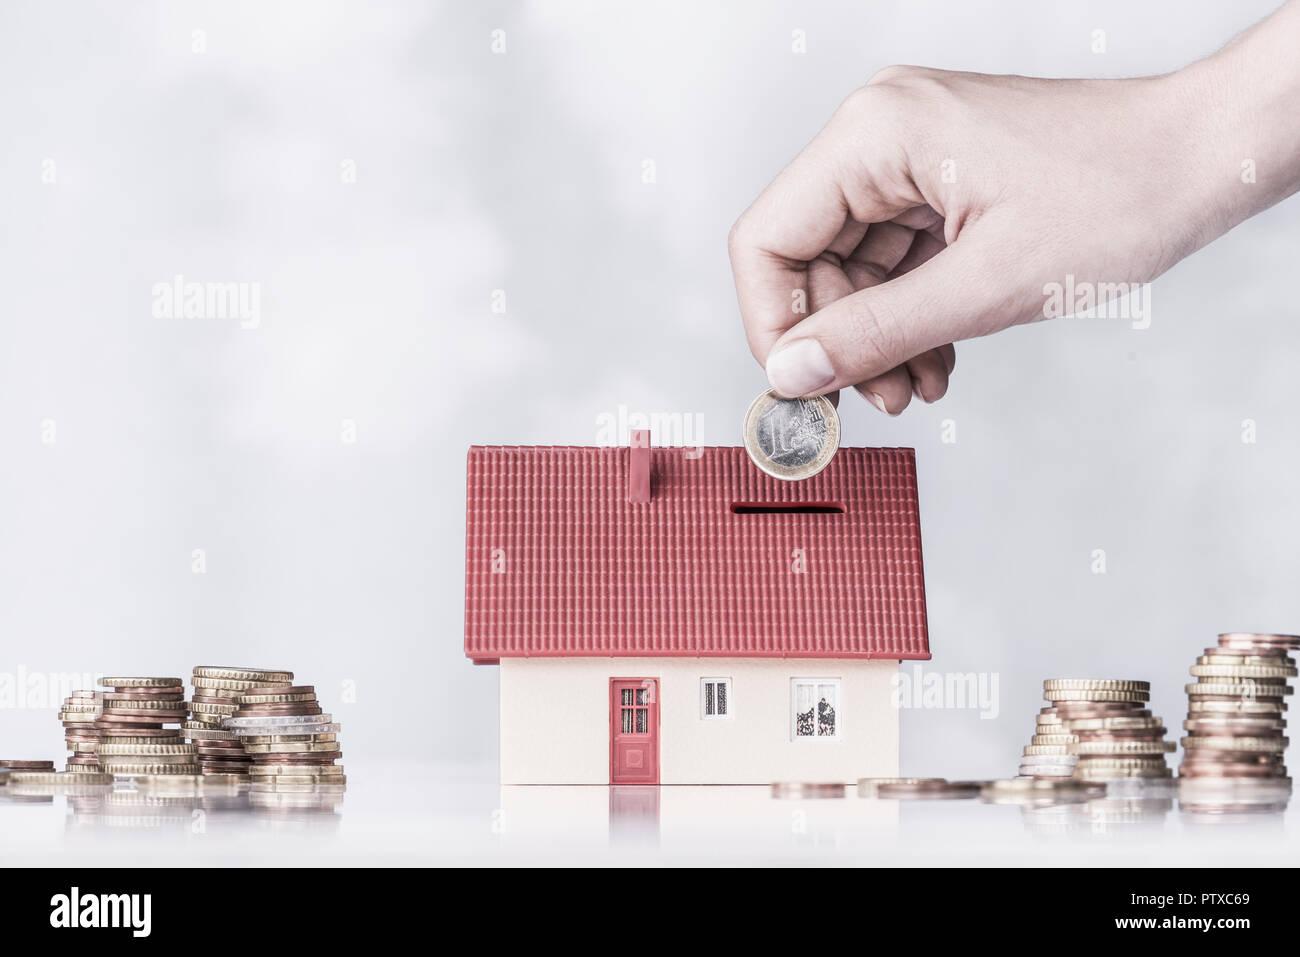 Spardose Eigenheim Mit Hintergrund (Model-Release) Stockbild